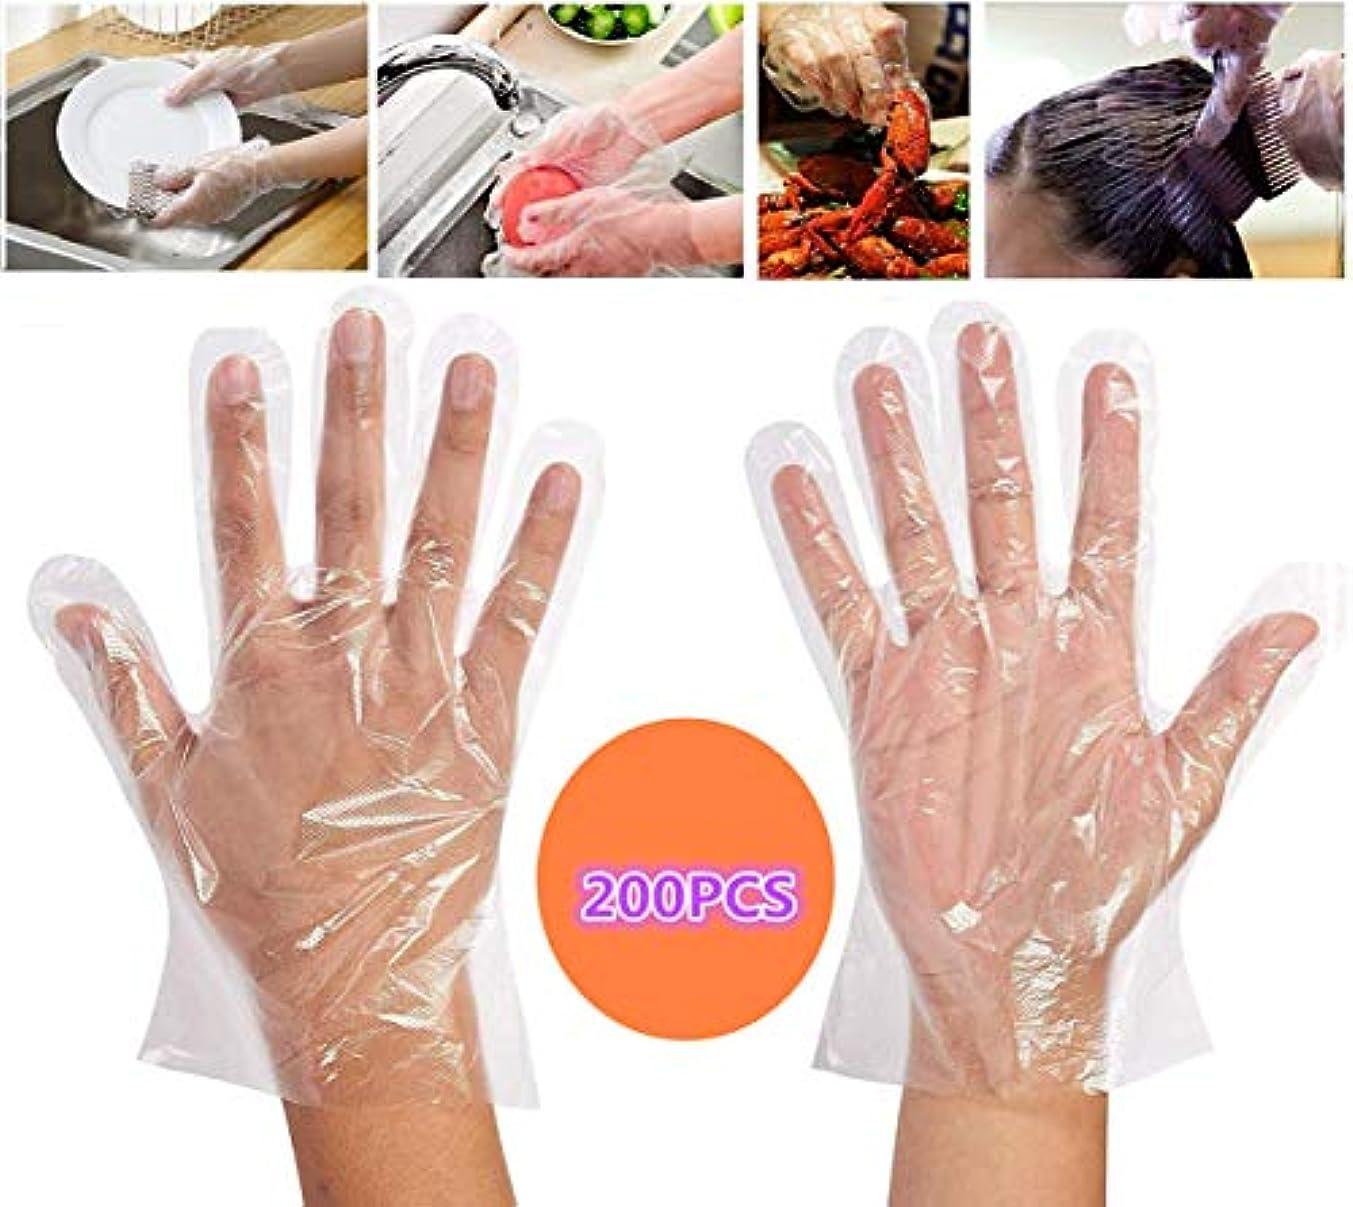 排除試してみる精神医学Ant-Tree 使い捨て手袋プラスチック肥厚エステサロンケータリング家庭用防油透明実用健康200枚